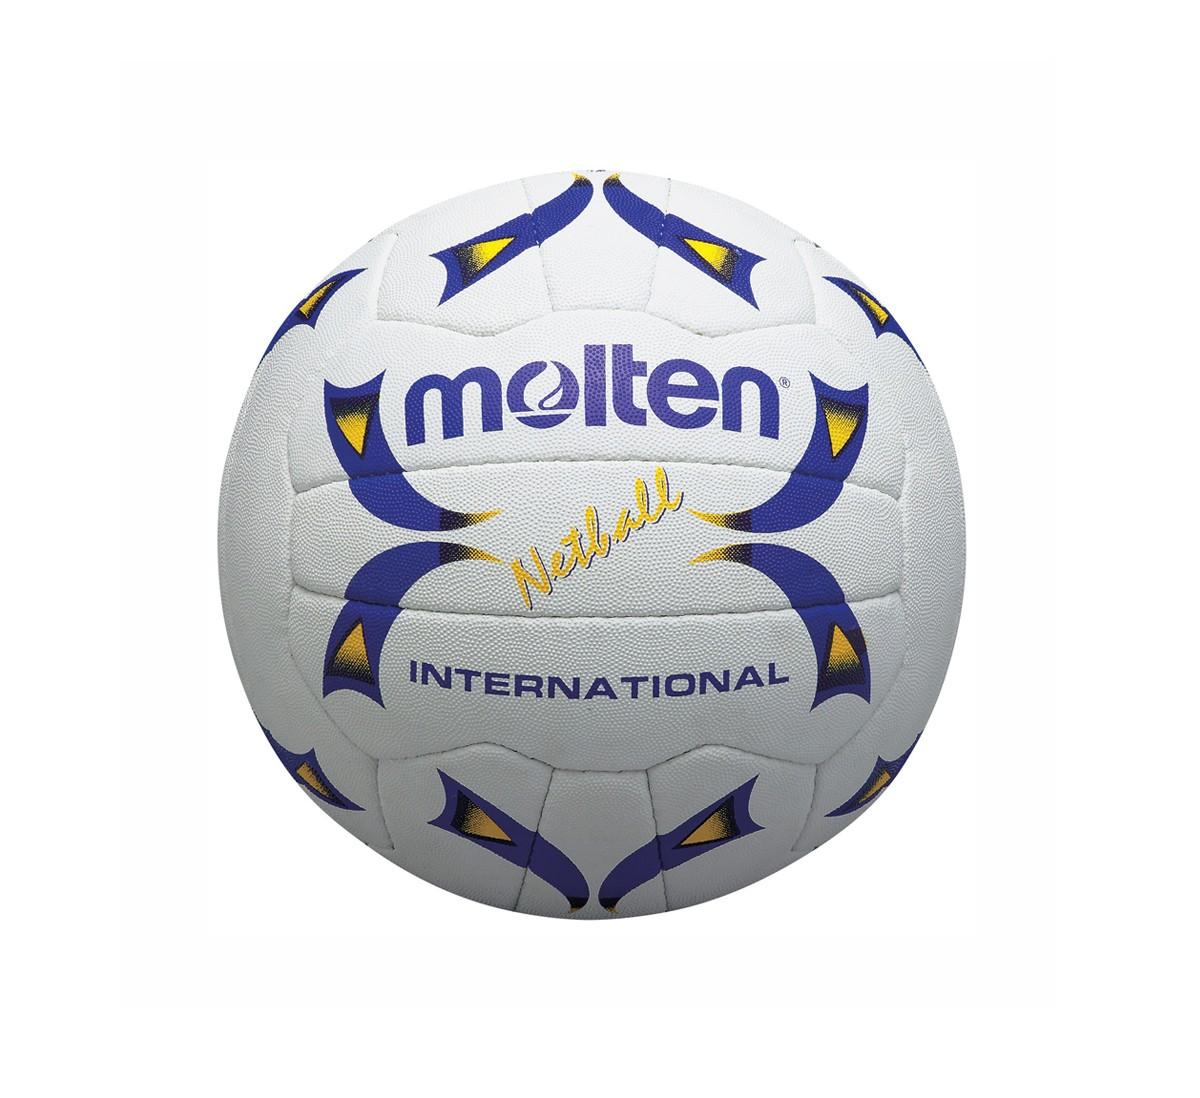 International Standard Netball